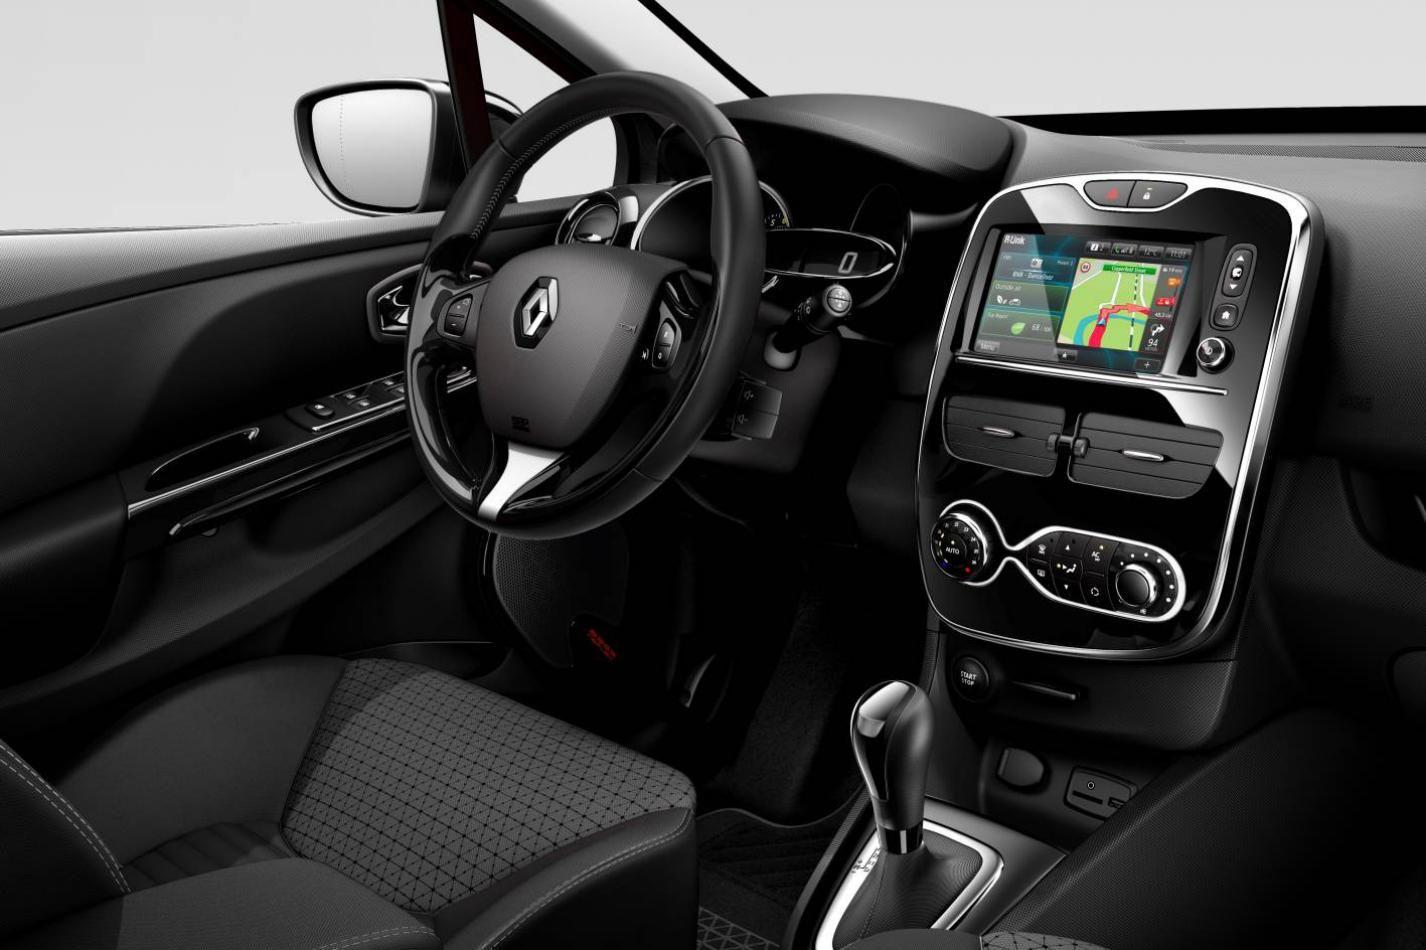 Attractive 2013 Hennessey Venom GT Interior